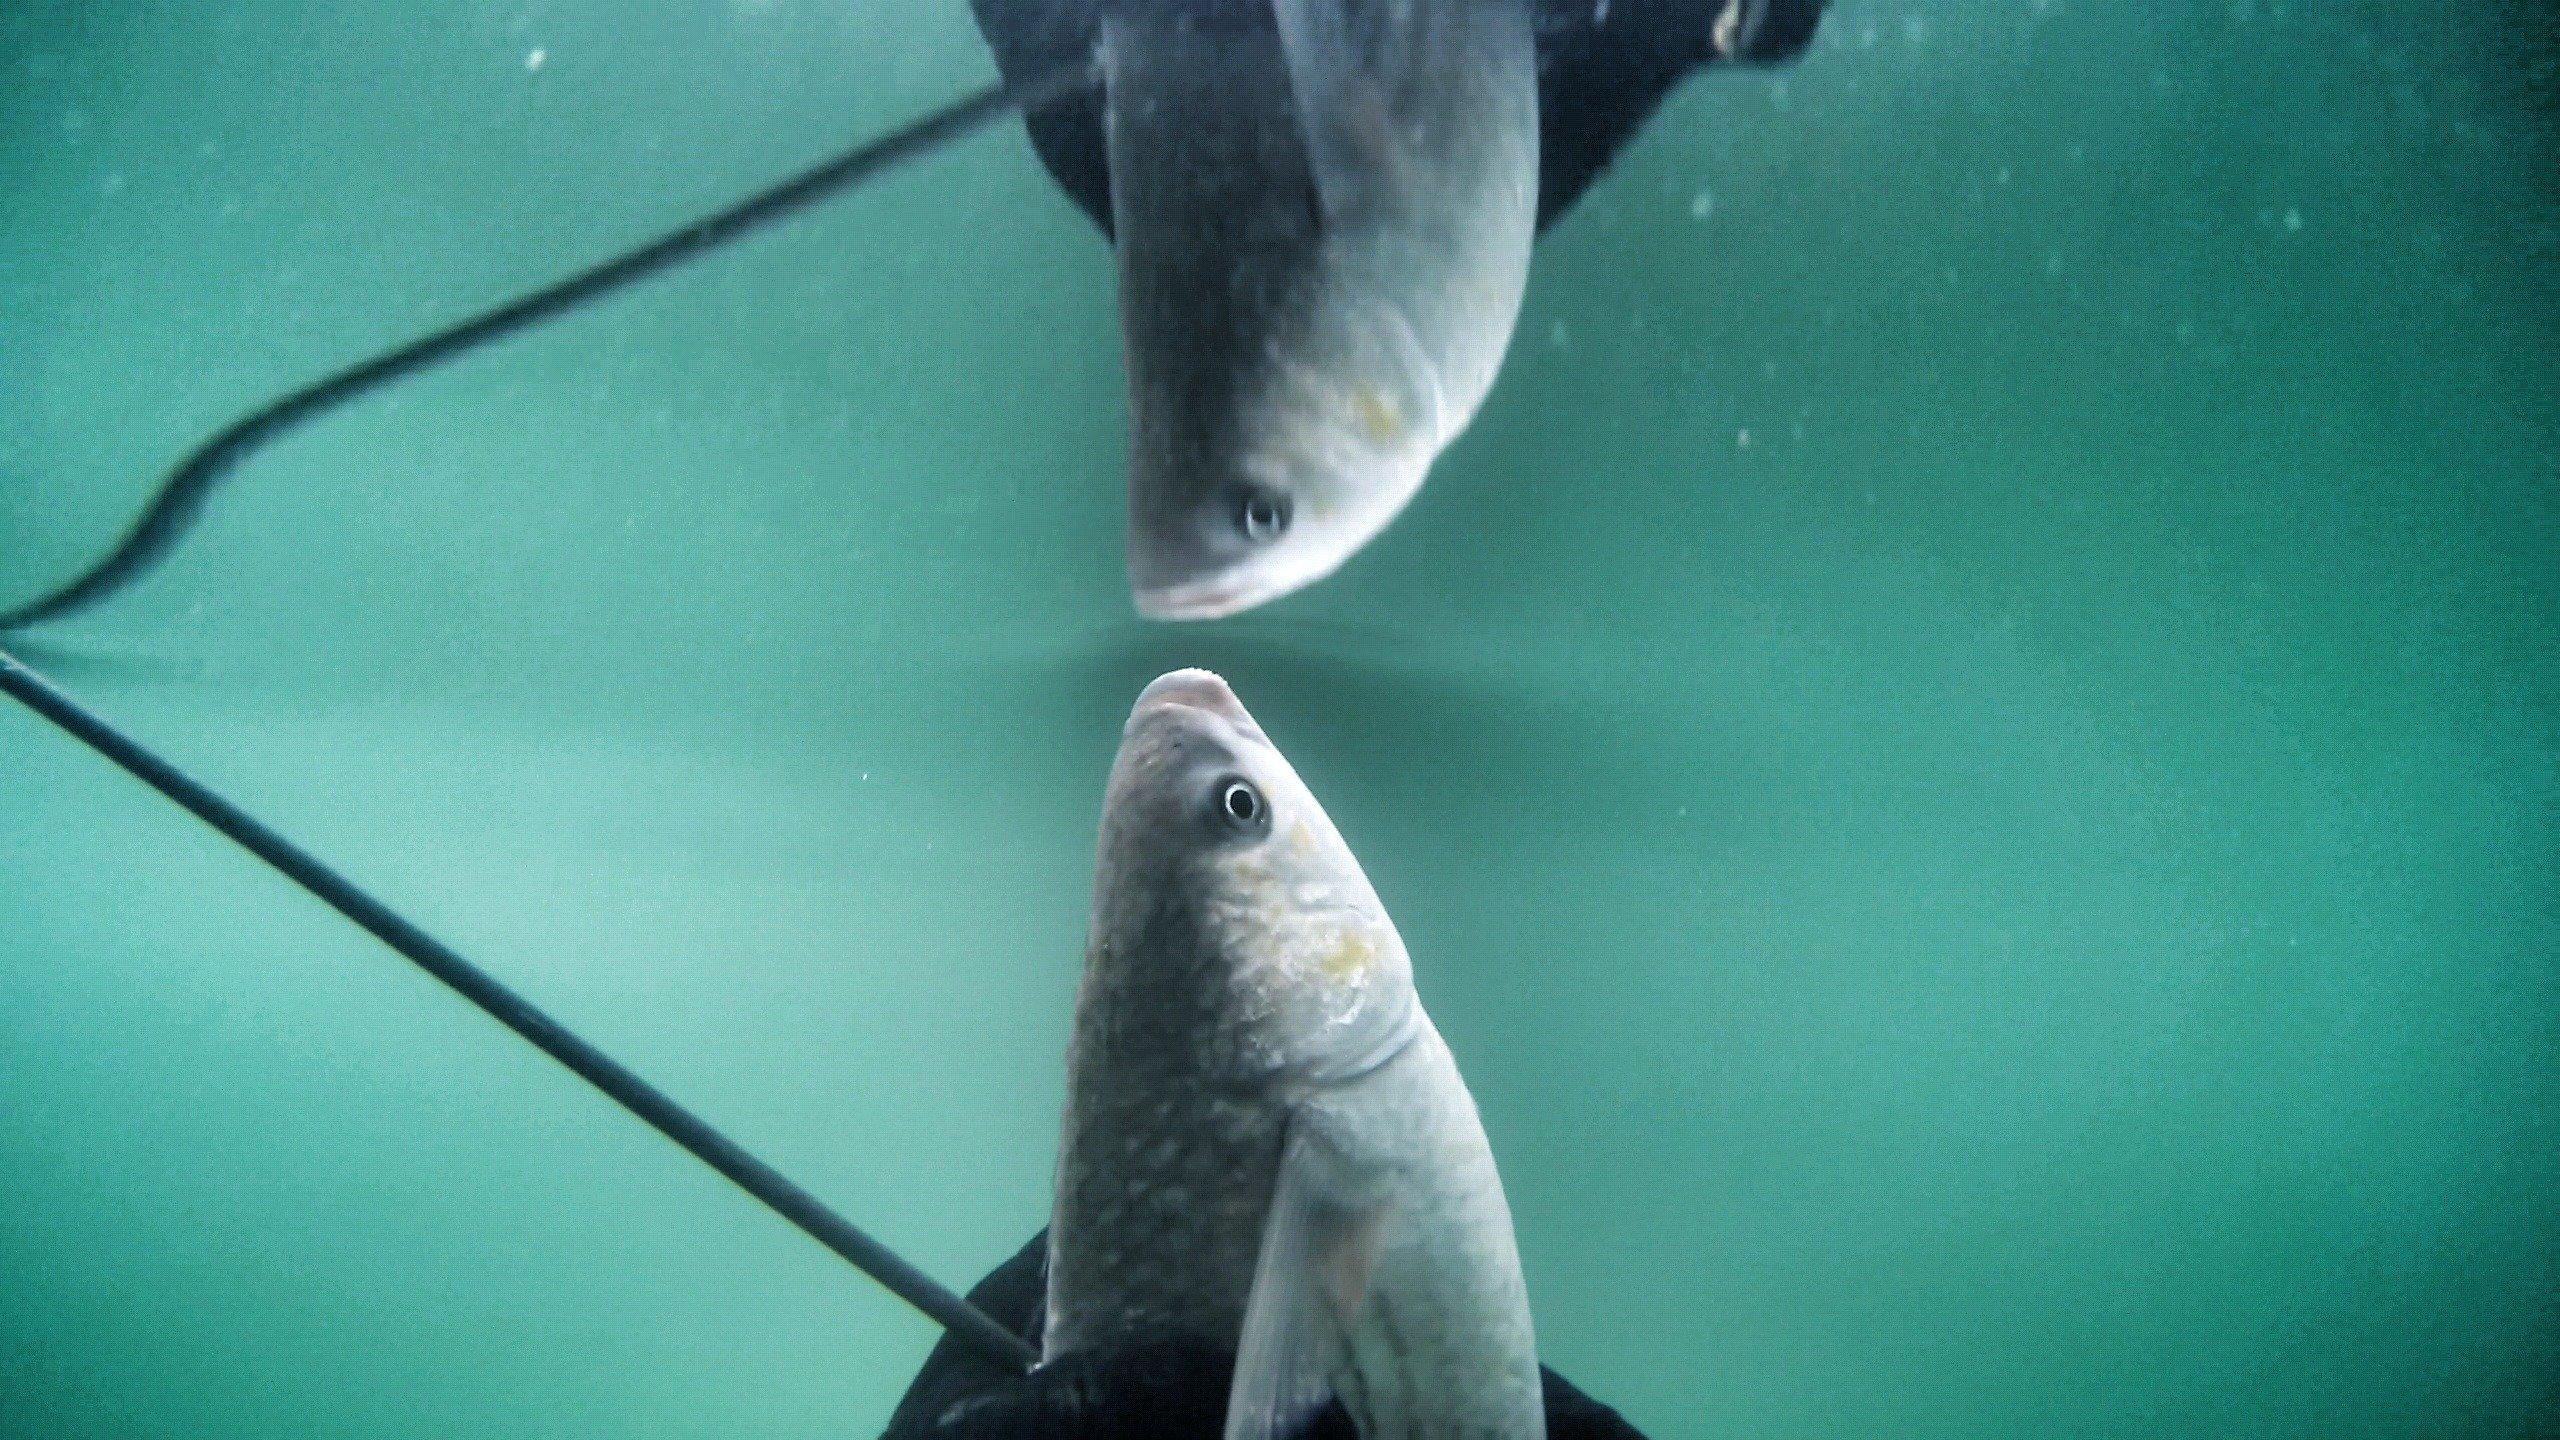 MOV 0335 0.33.200 01 - Undervandsjagt i Vesterhavet - Uvjagt på vestkysten- Uvpodcast #35